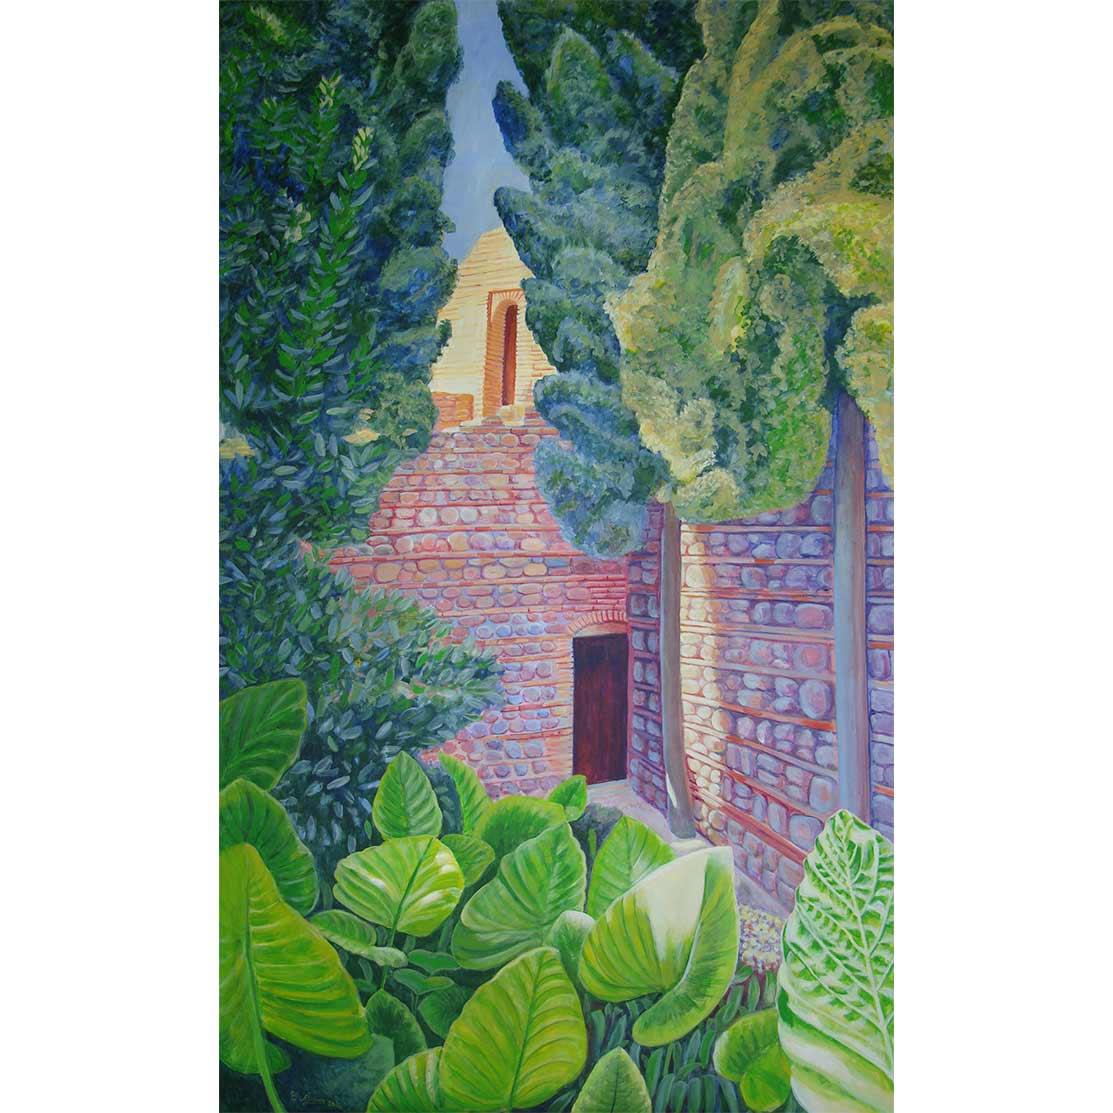 THE HIDDEN DOOR Acrylic on panel 179 x 104 cm